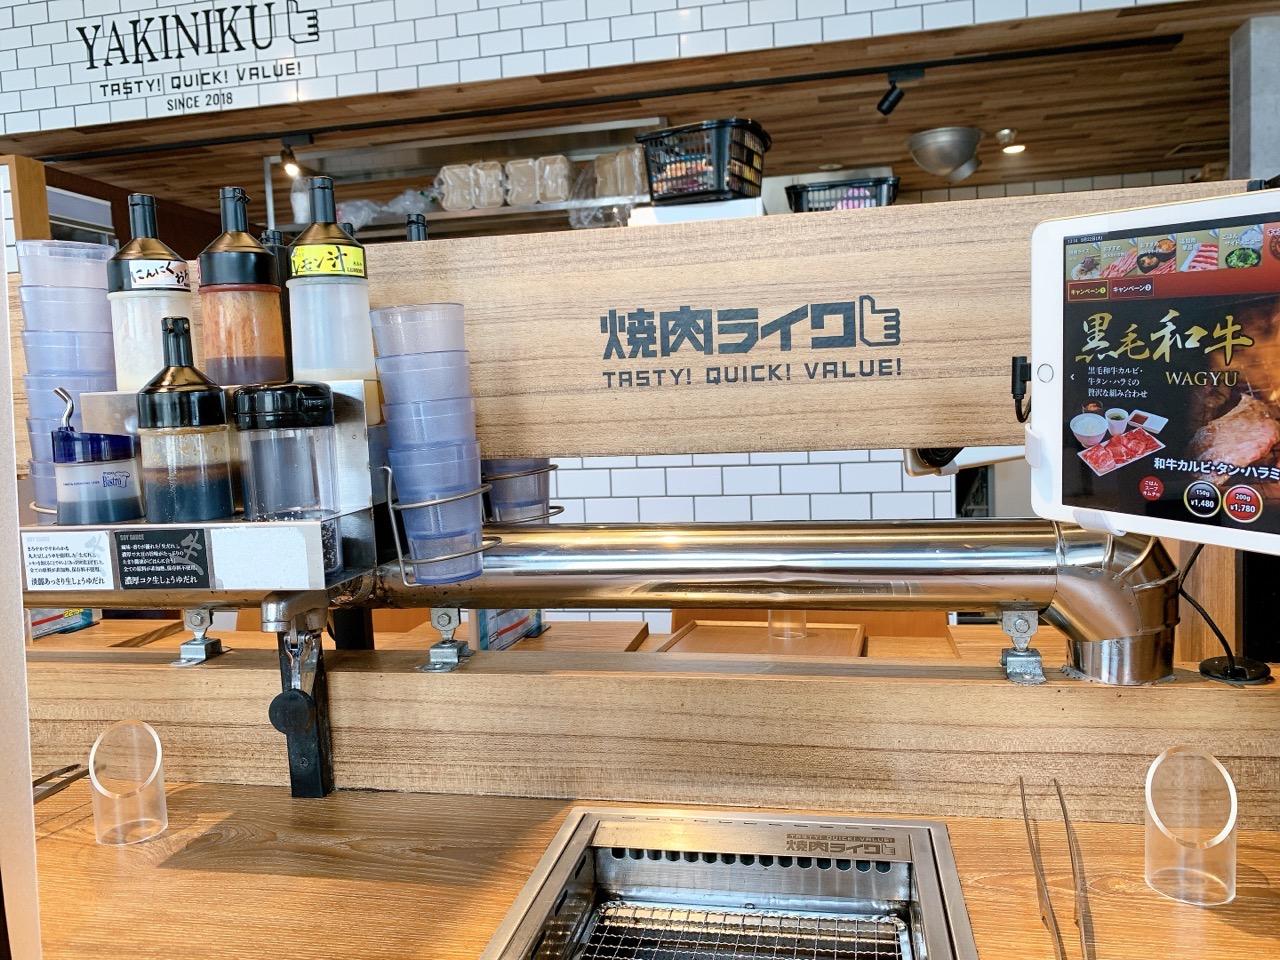 焼肉ライク 松戸南花島店の利用方法について